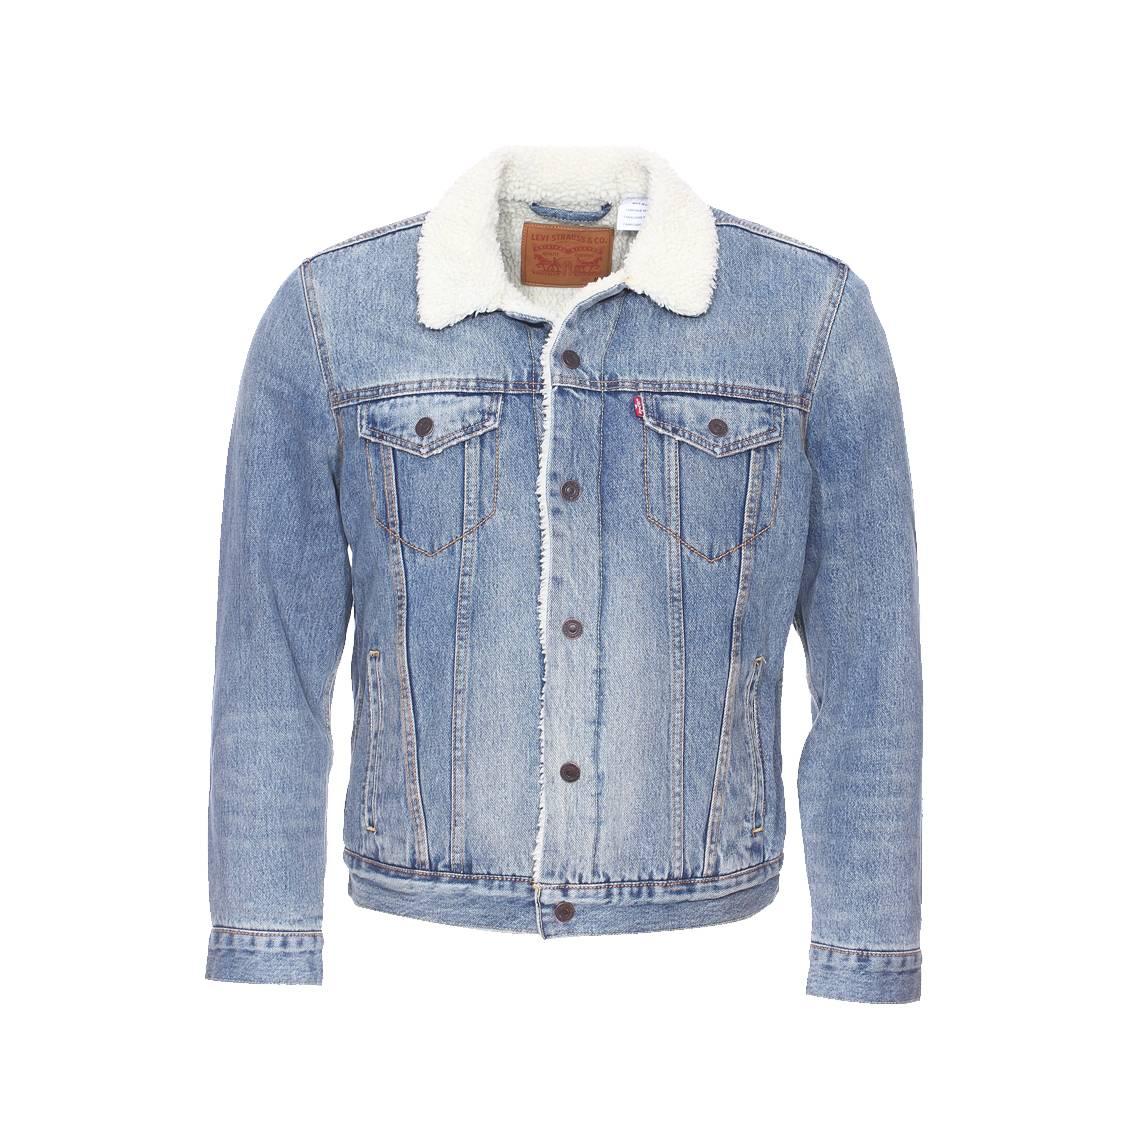 blouson en jean levi 39 s buckman bleu clair avec doublure effet peau de mouton rue des hommes. Black Bedroom Furniture Sets. Home Design Ideas